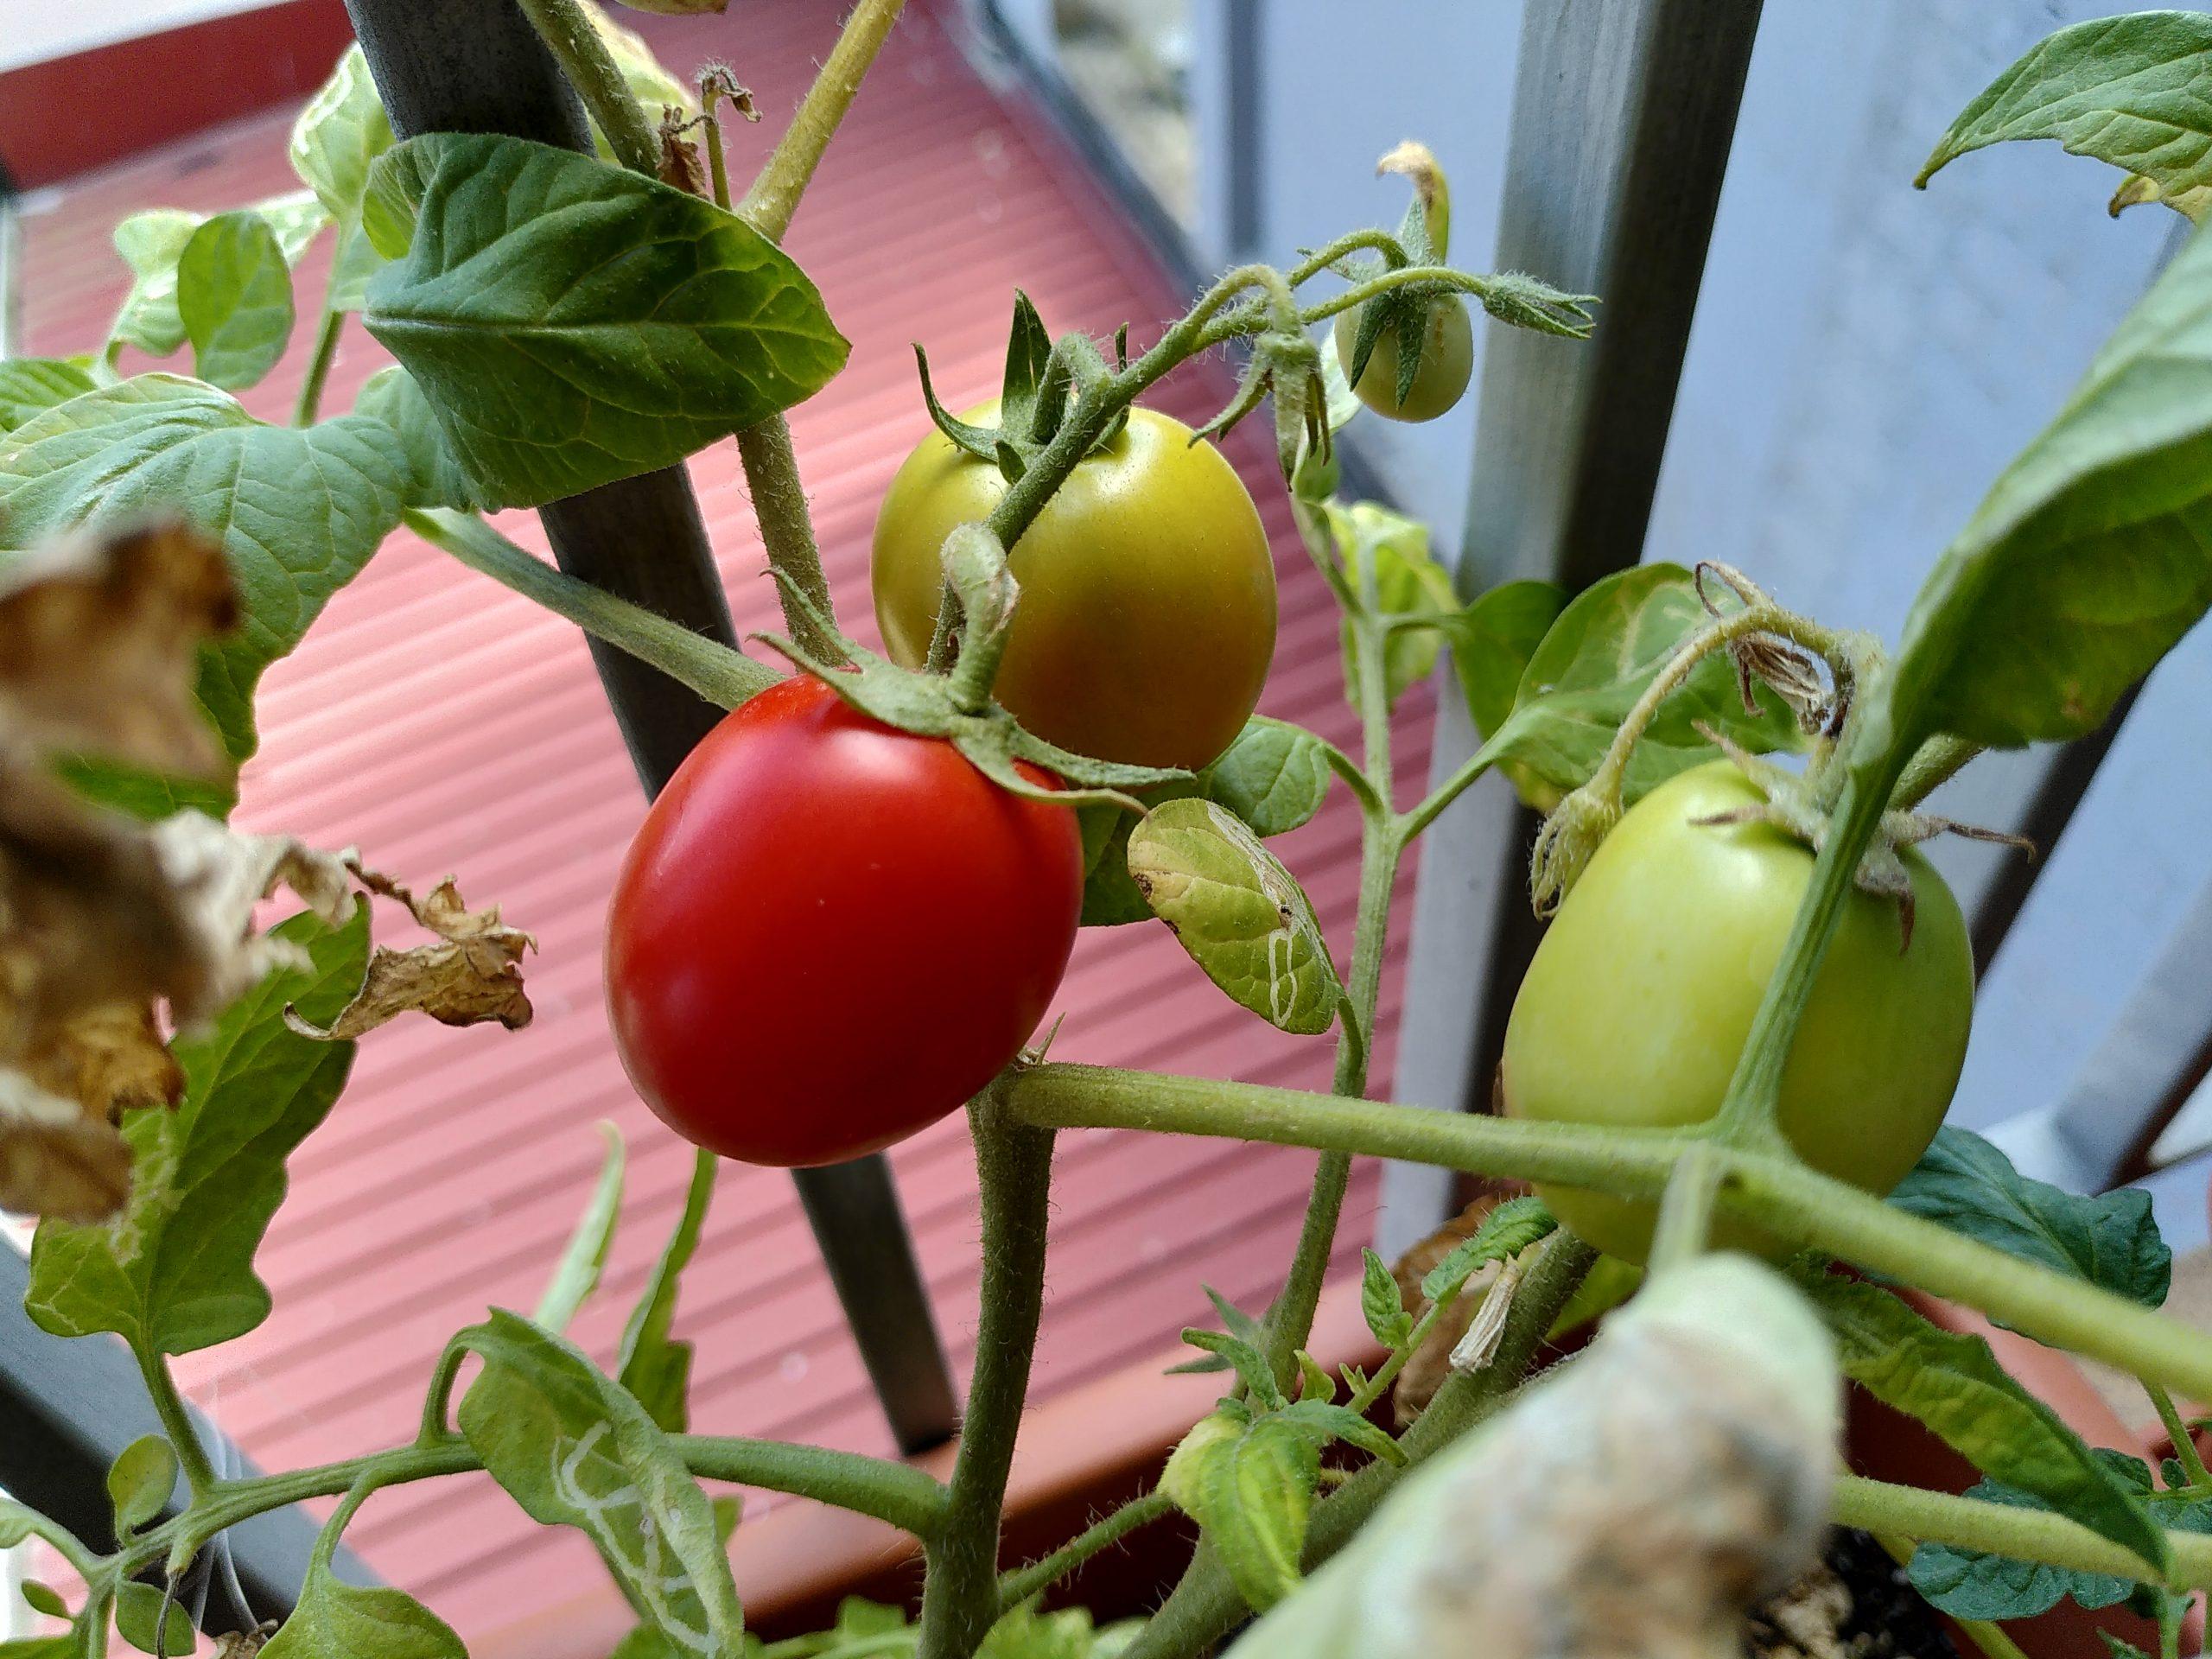 Tomatitos en mi balcón, en distintos grados de maduración